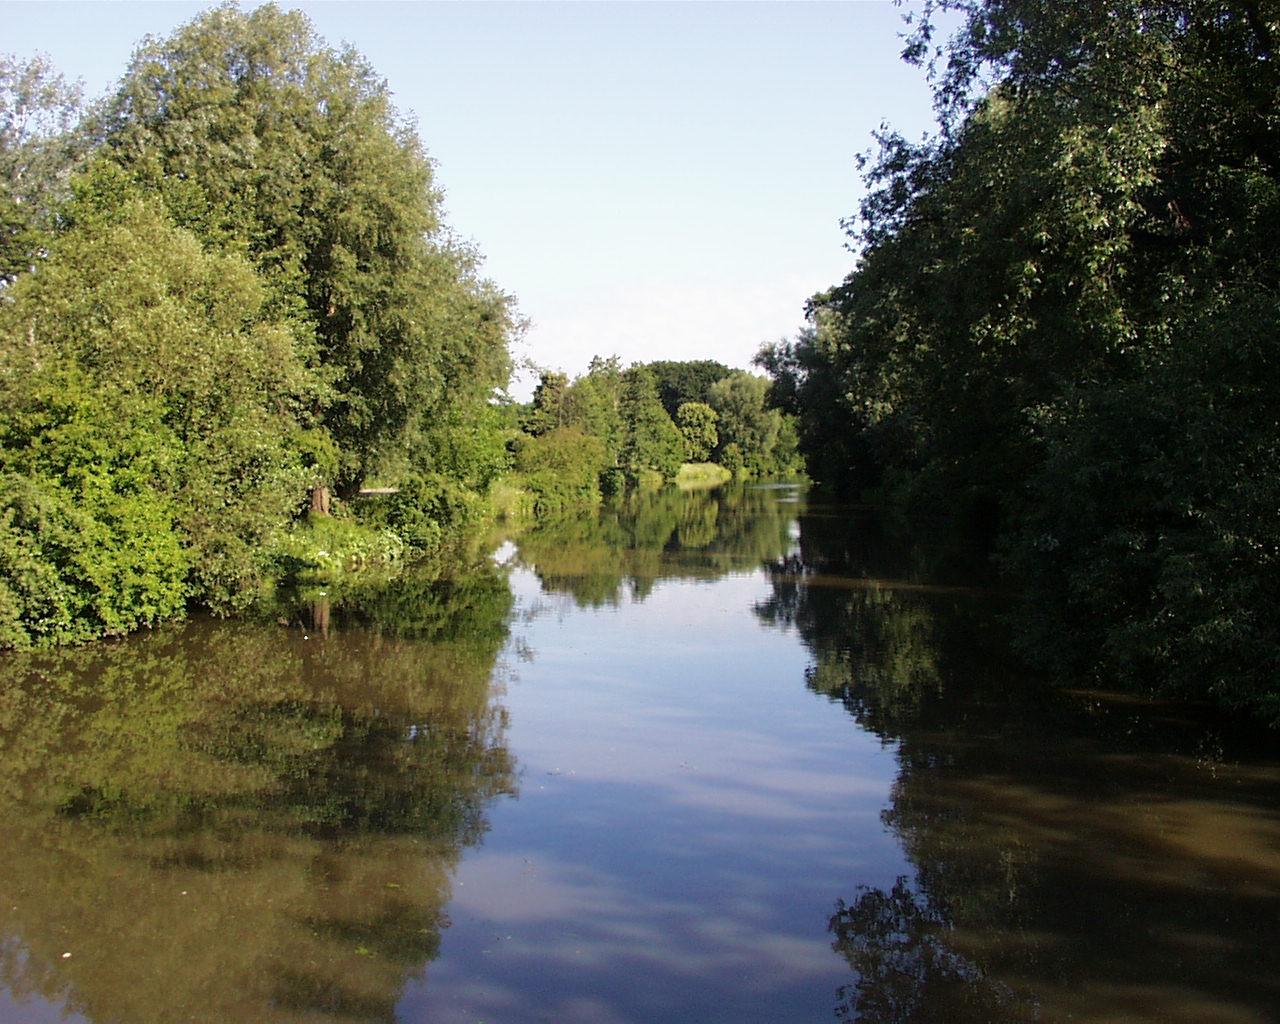 Nidda River Fluss Frankfurt am Main Hessen